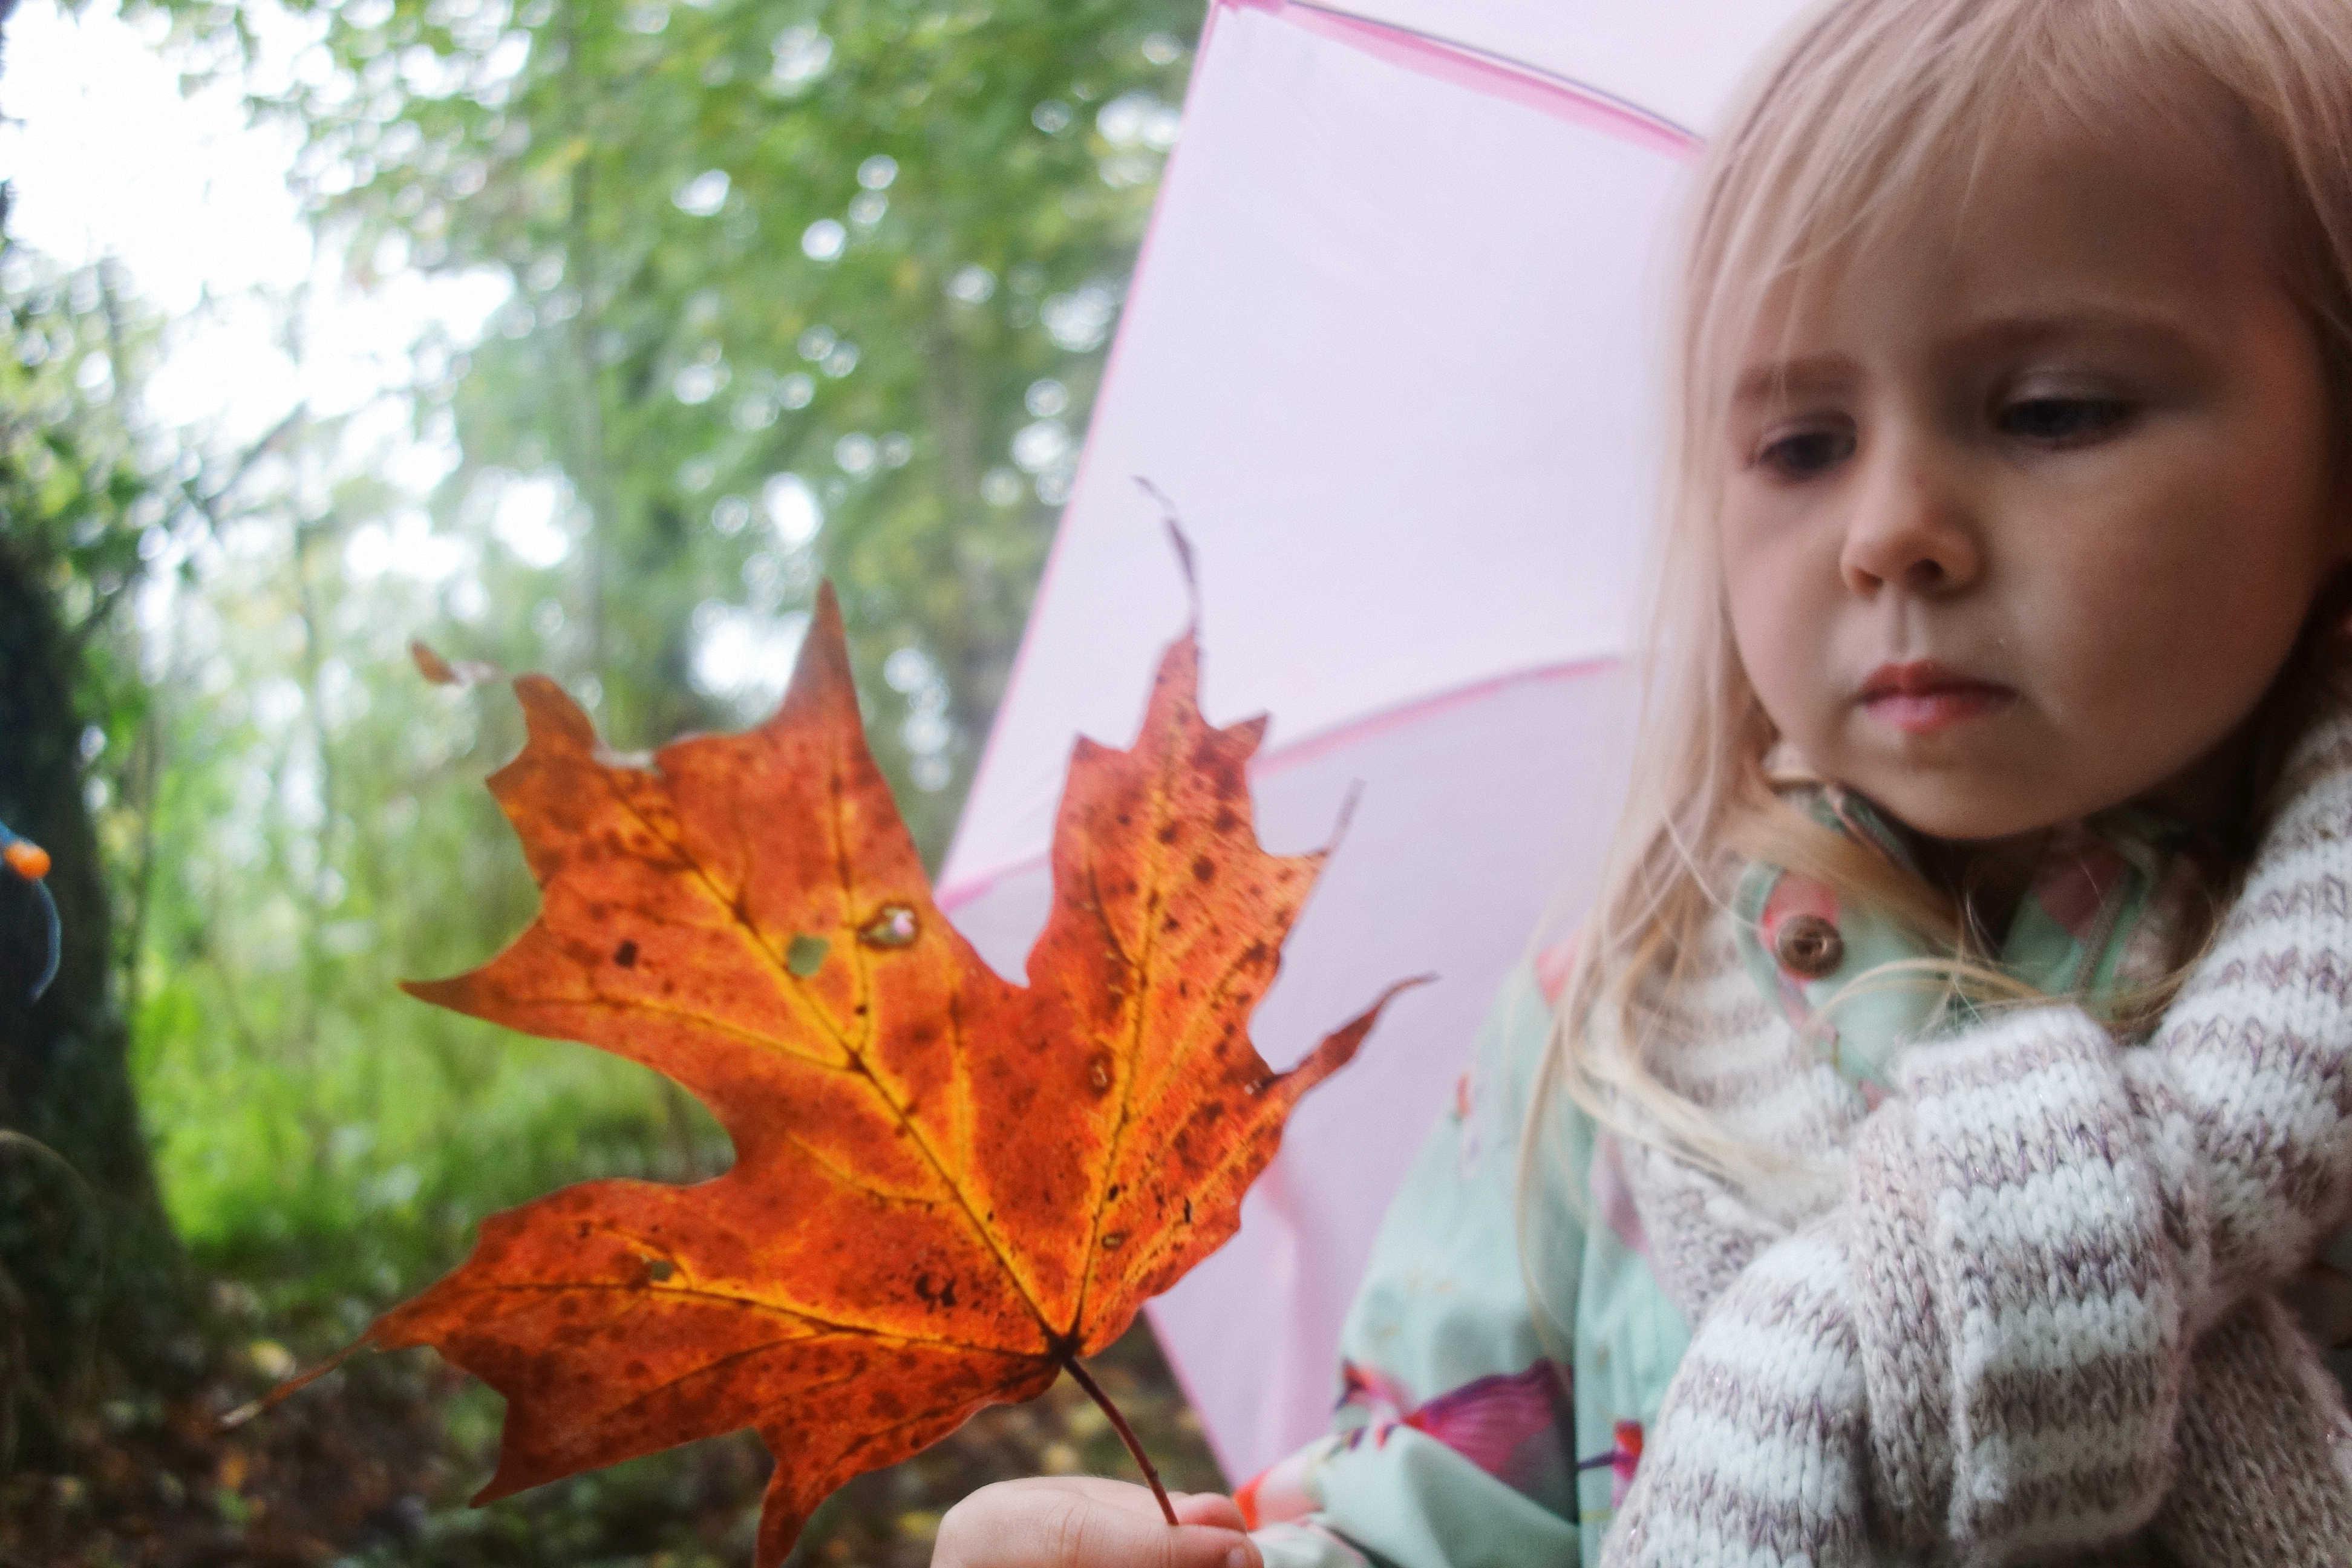 Harri holding a leaf